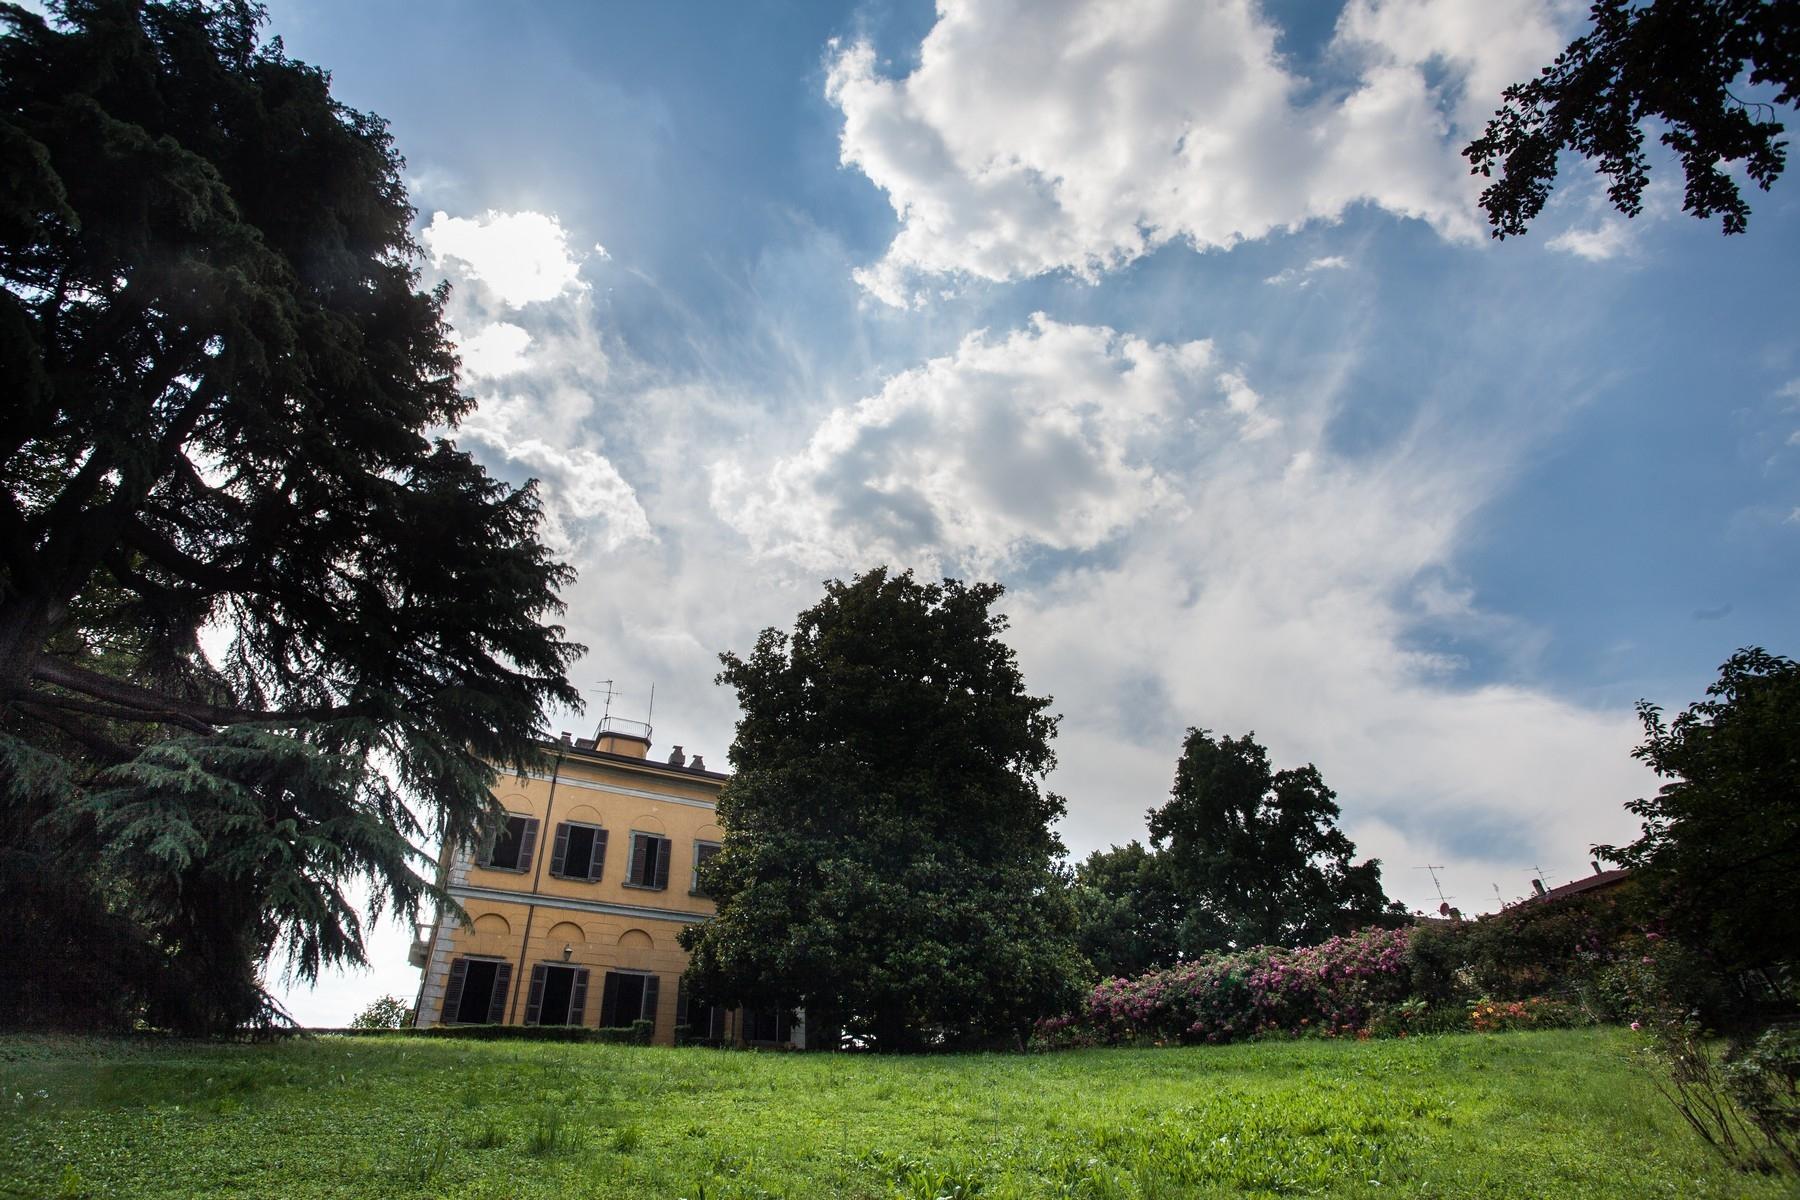 Elégante villa historique dans un parc botanique - 3